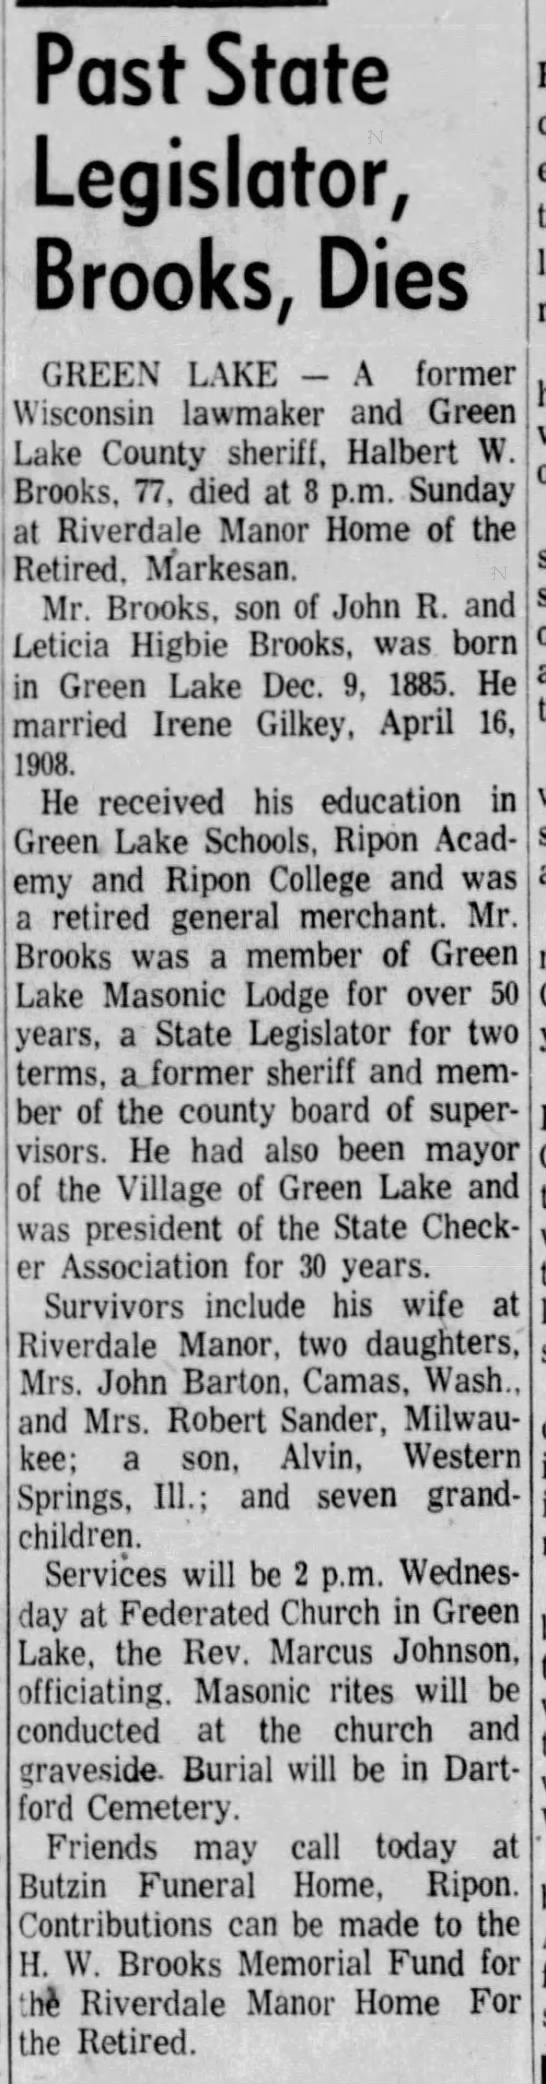 Halbert W. Brooks (1885-1963) - Past State Legislator, Brooks, Dies GREEN LAKE...